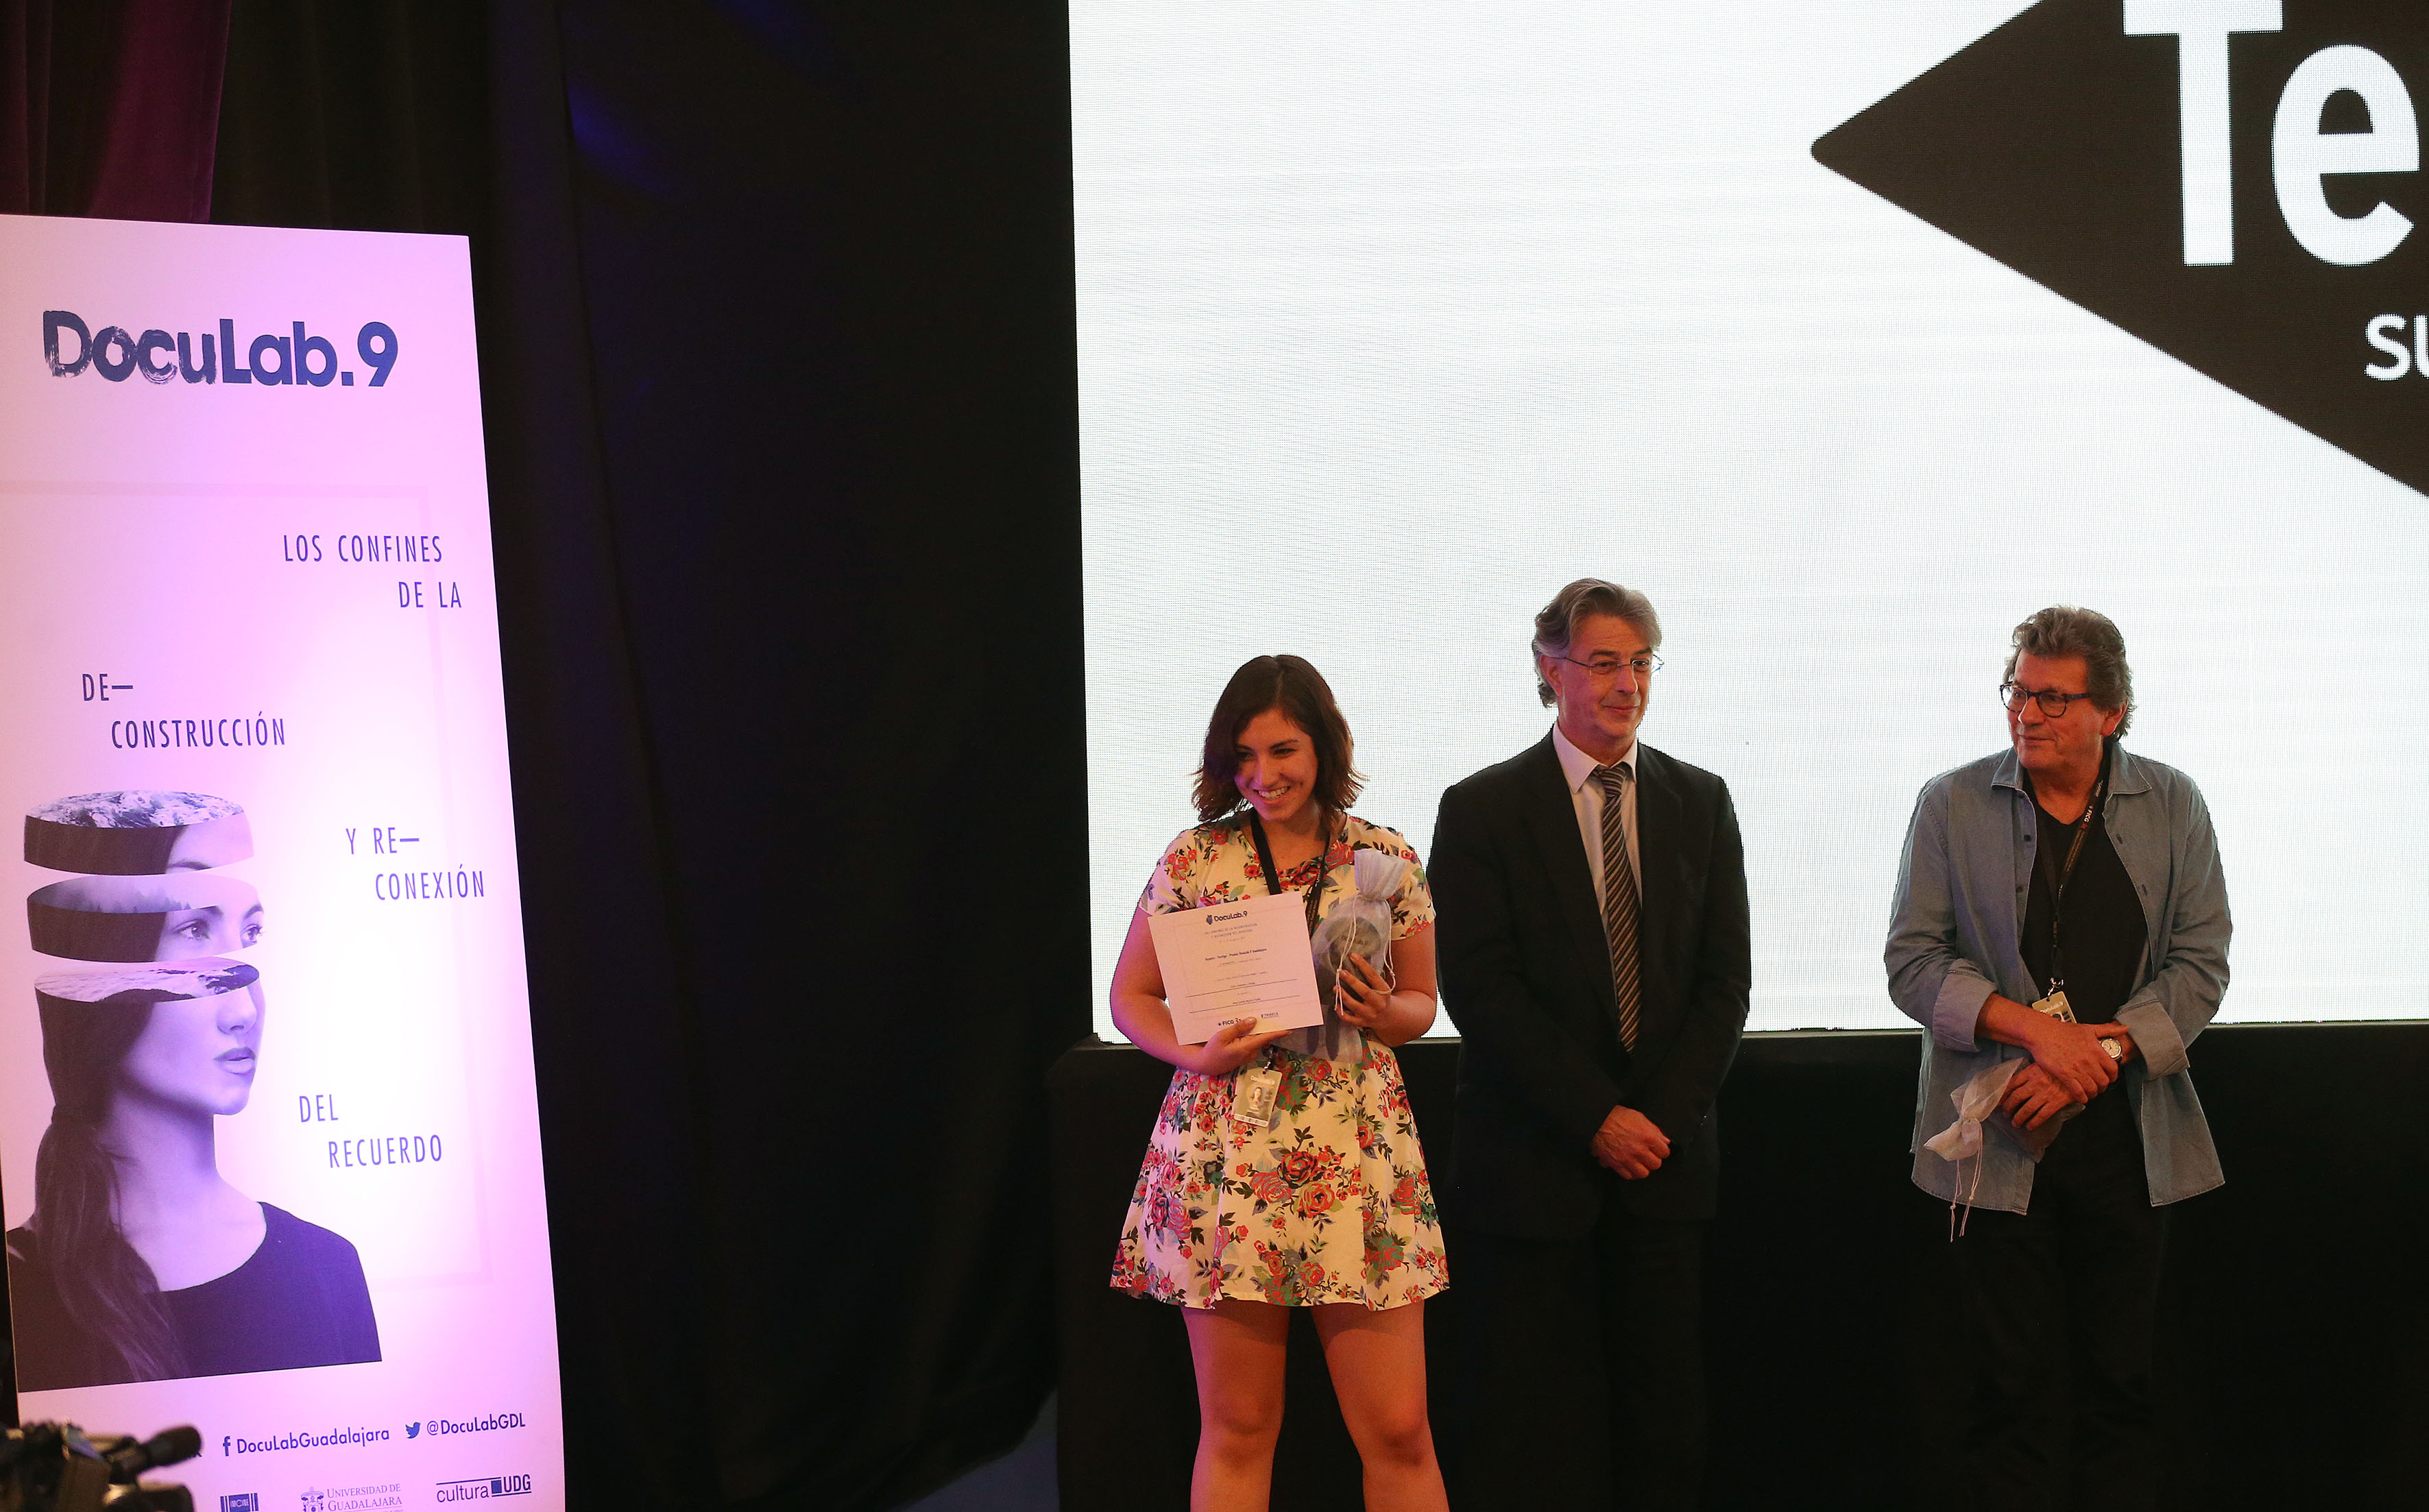 Joven ganadora, mostrando su reconocimiento al público asistente.